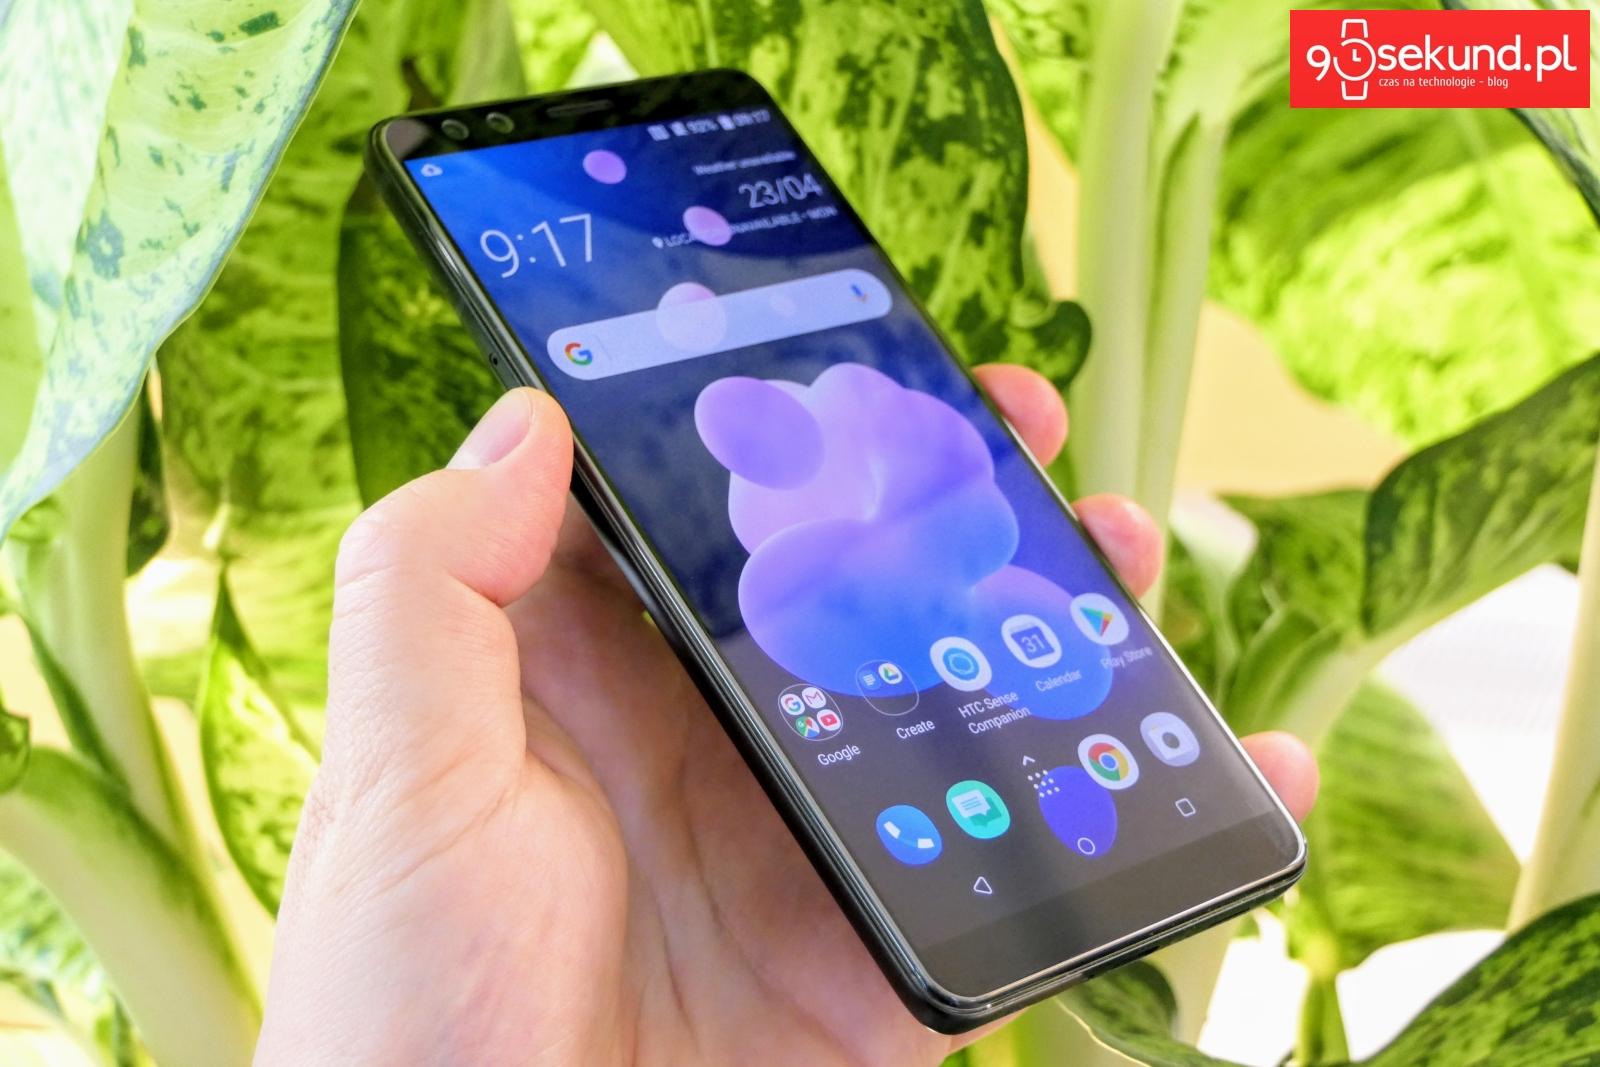 HTC U12+ - 90sekund.pl